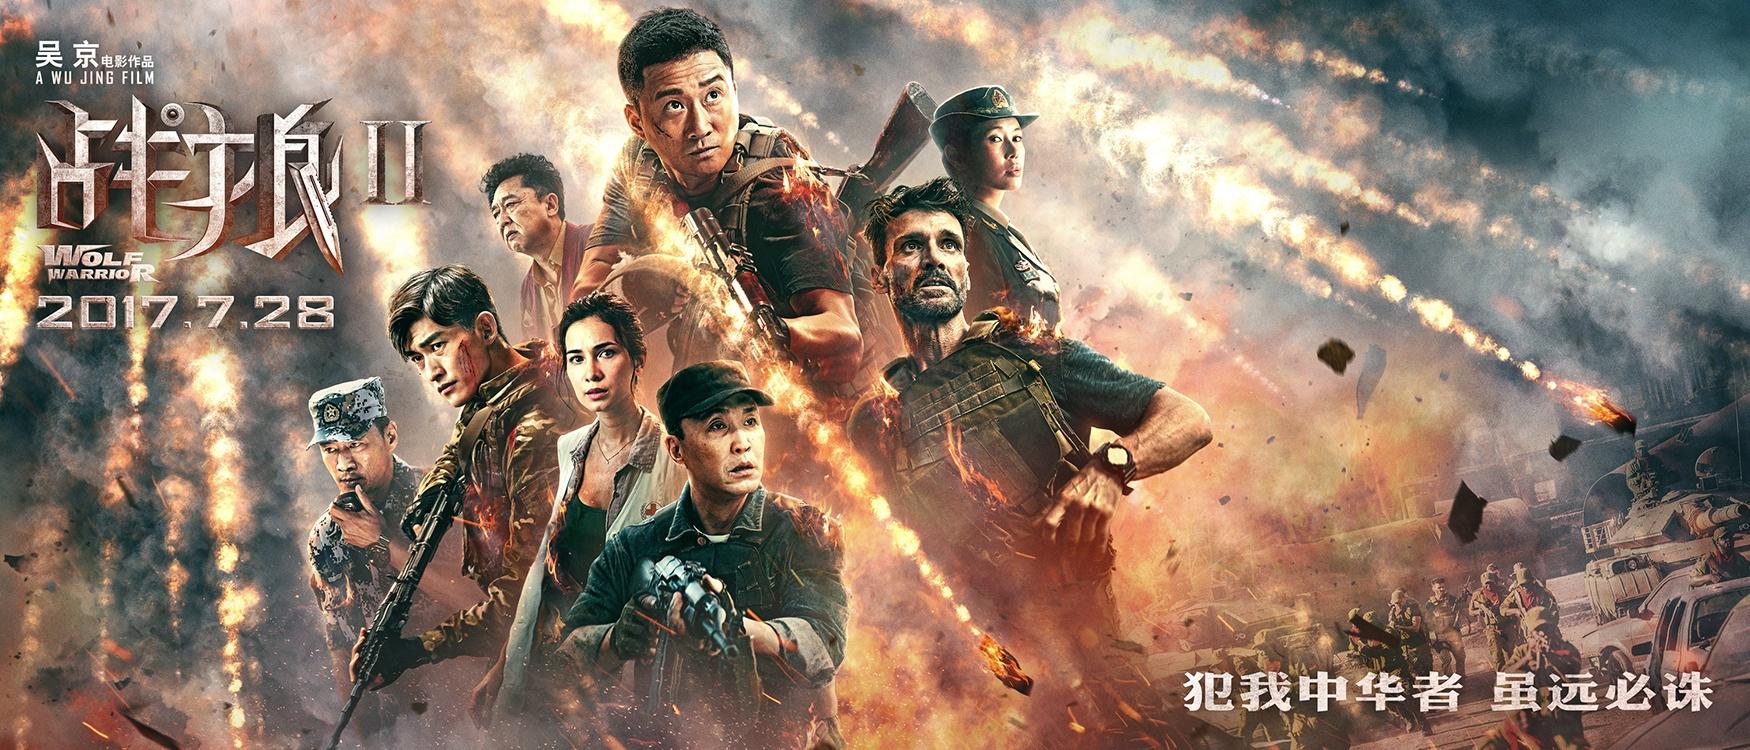 中国电影年度票房正式突破500亿元